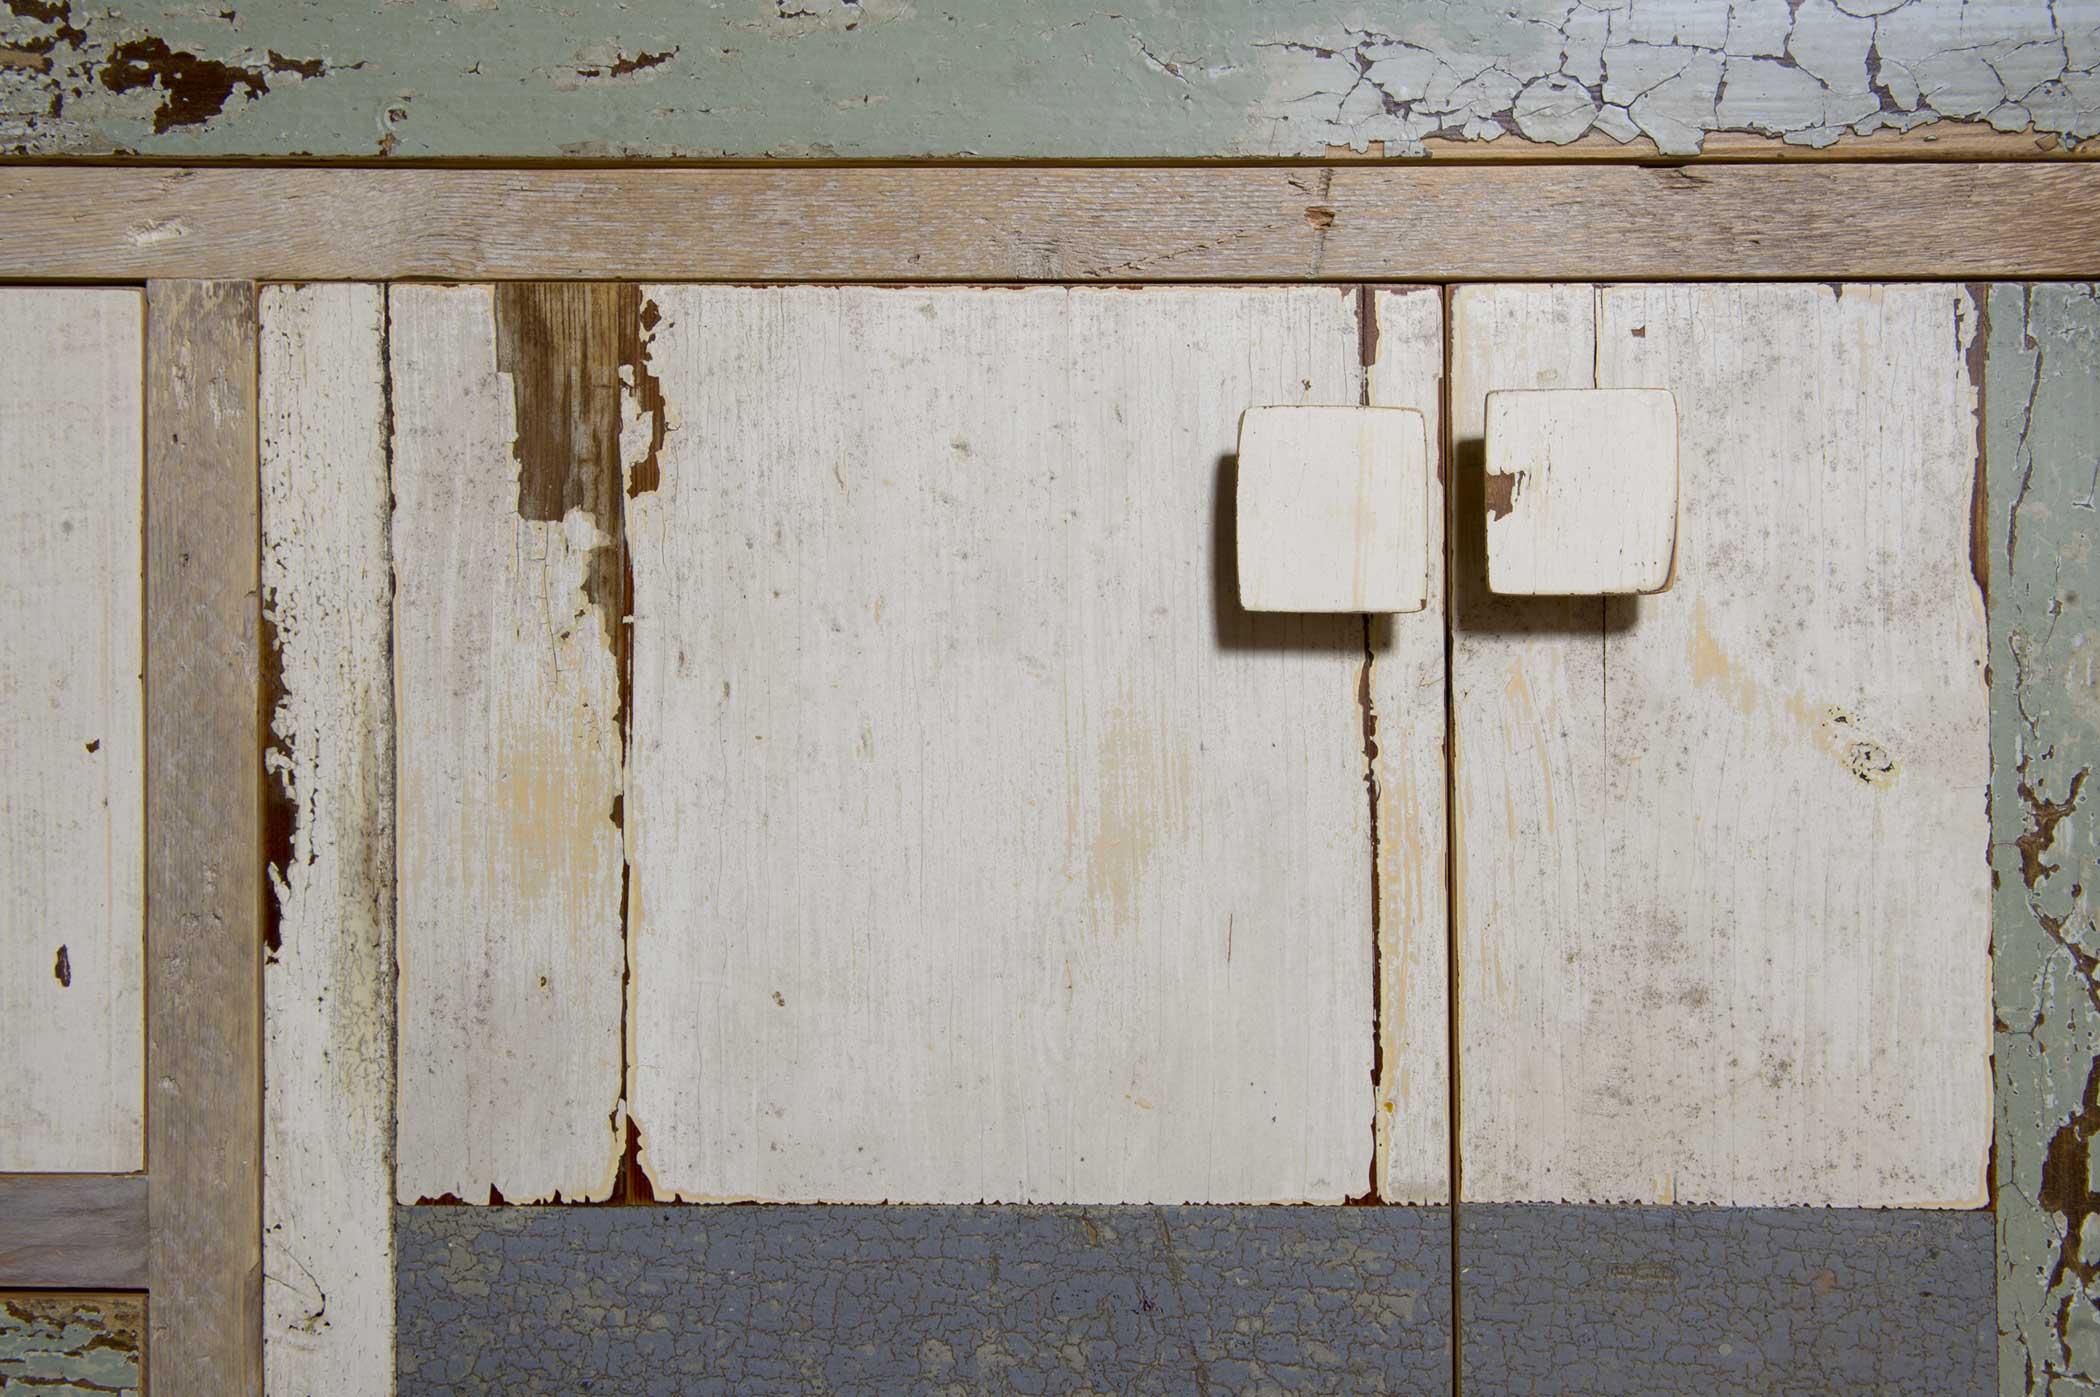 Dettaglio del cassetto della credenza Northern Light, colori tenui che ricordano i paesaggi del nord. Design originale de Laquercia21